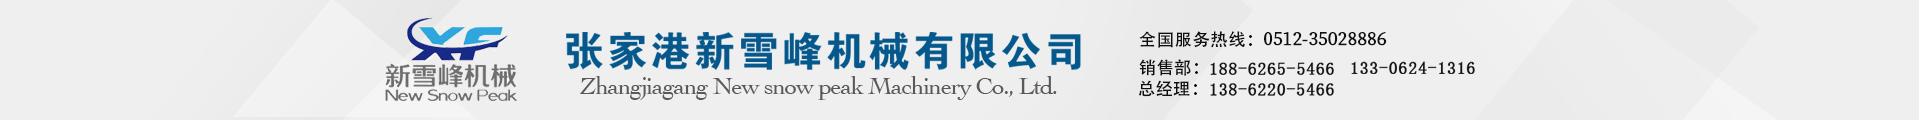 张家港新雪峰机械有限公司